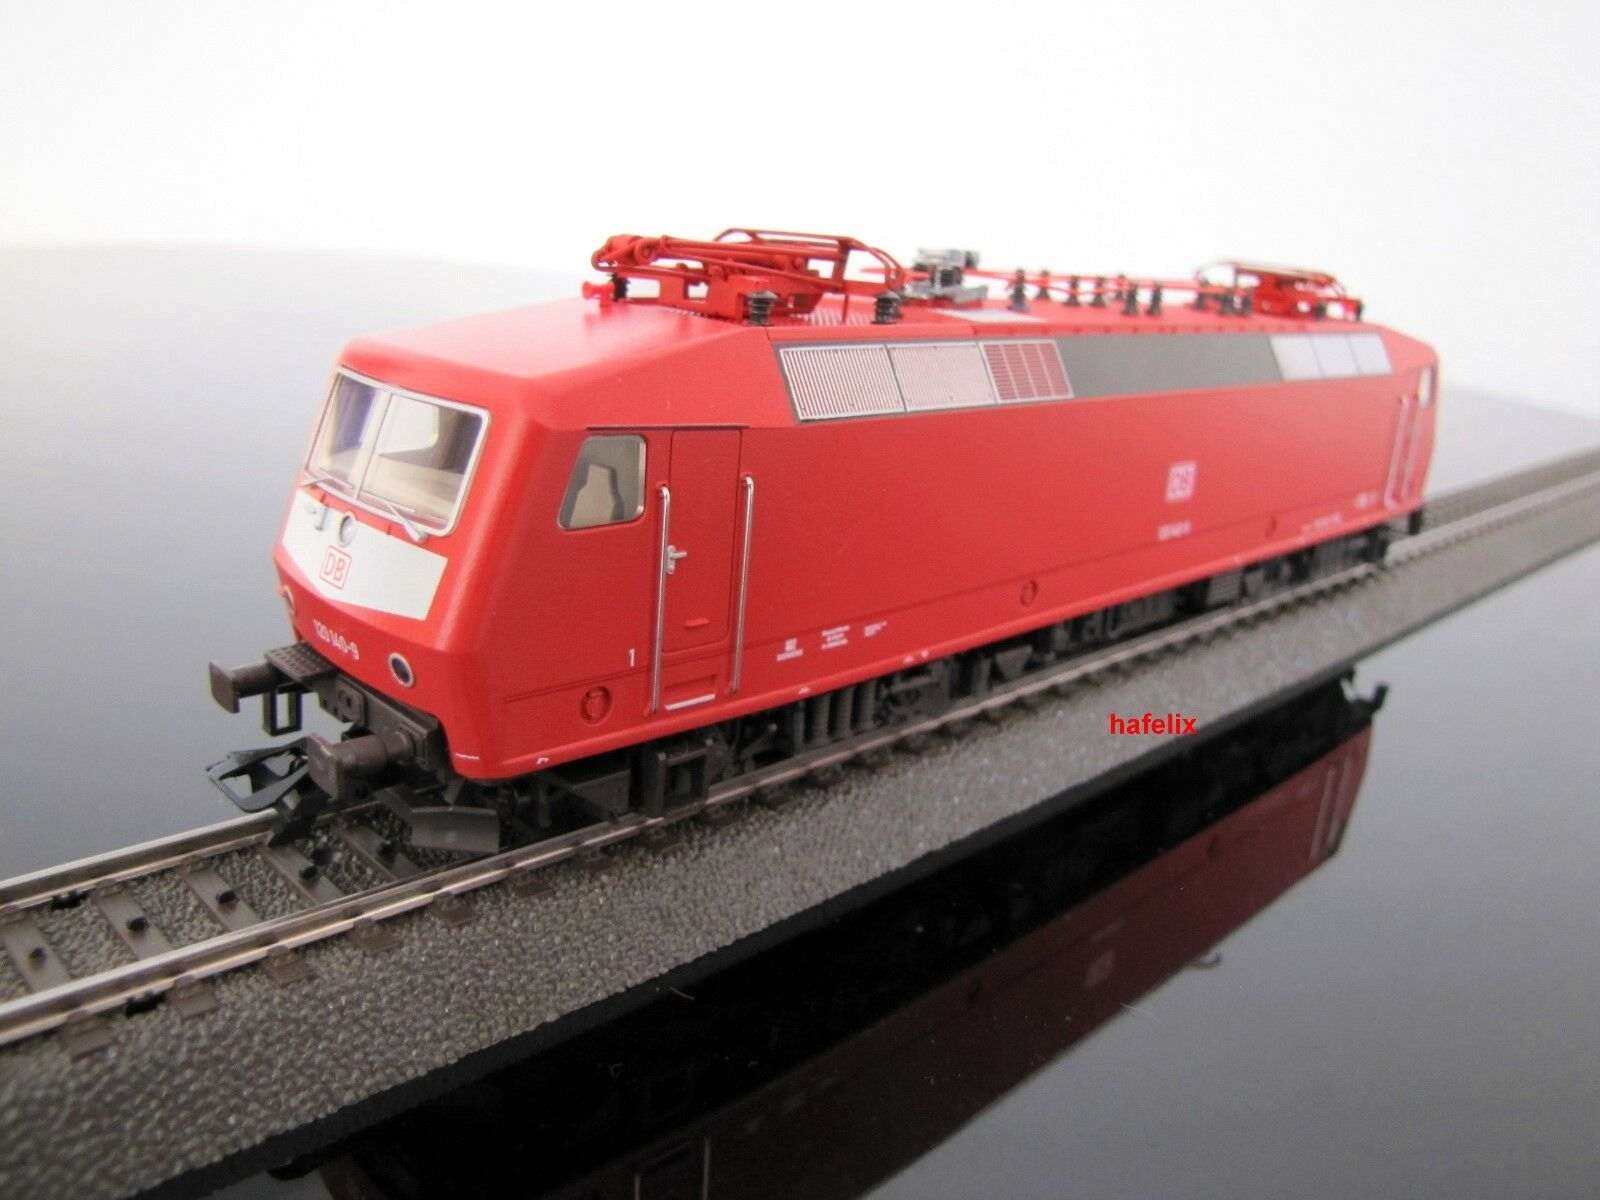 h0 37529 E-Lok br120.1 della DB AG, Digital MFX + + Sound, NUOVO f5401c